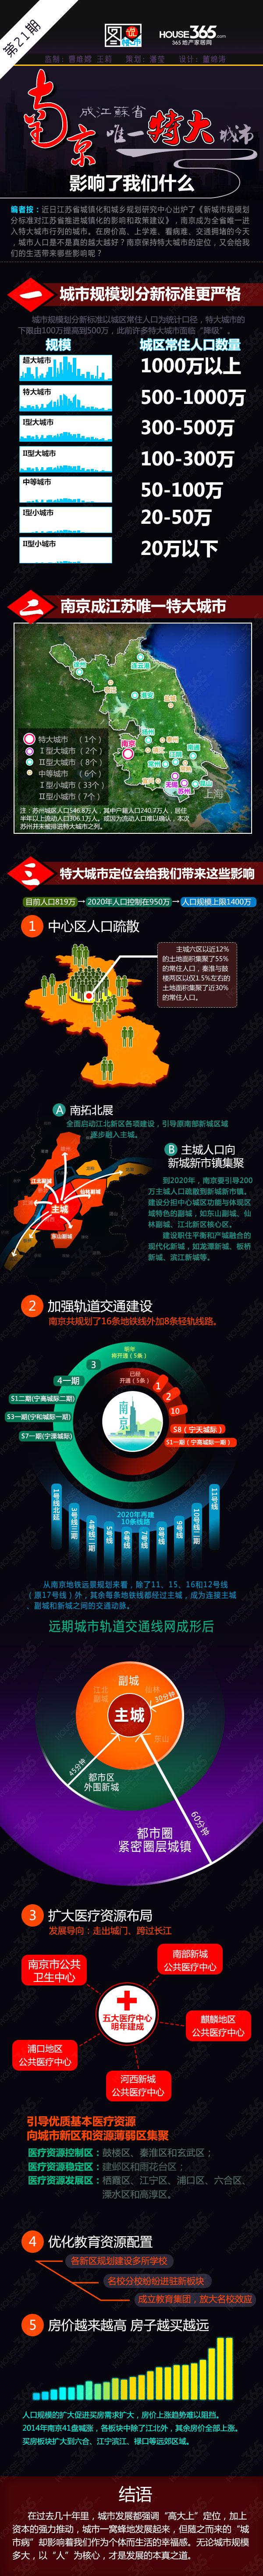 图说21:20余条轨道交通疏散南京中心区人口 医疗教育资源扩容